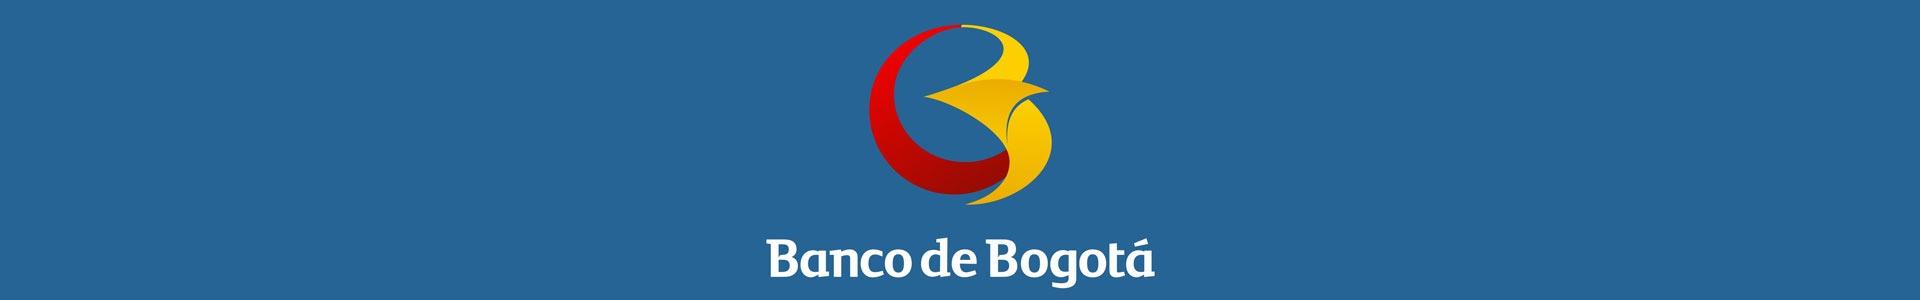 Banco-de-Bogota